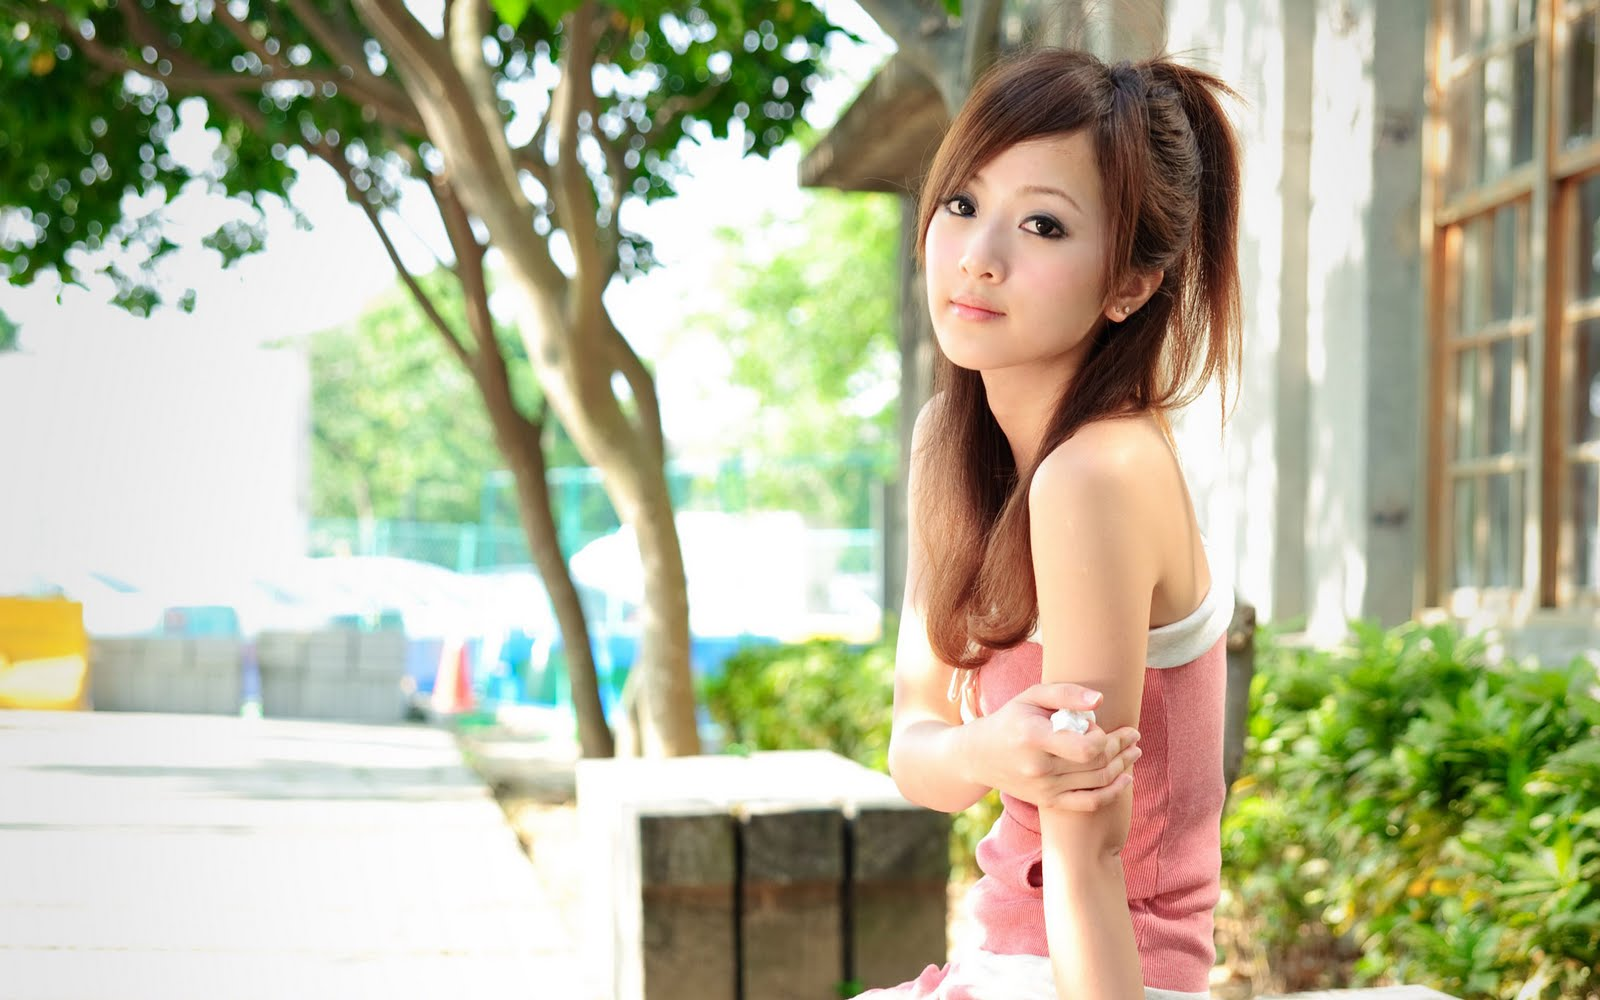 Asian Girls Wallpaper HD Desktop - WallpaperSafari